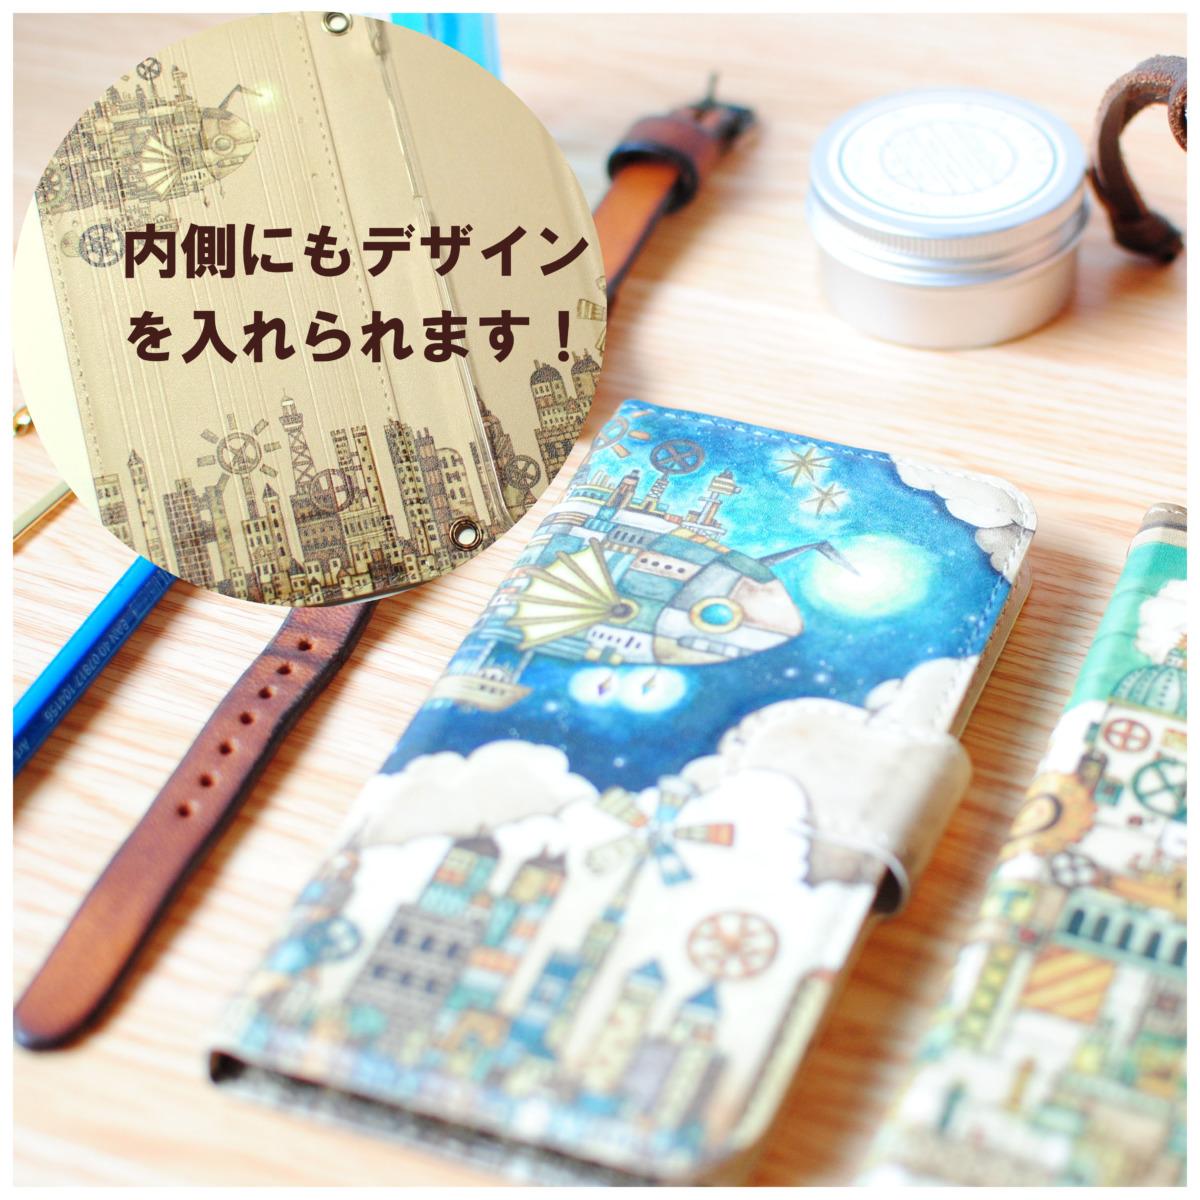 iPhoneSE/6s/7/8/X/Xs 手帳型iPhoneケース「空飛ぶ魚の街」【内側デザイン可!】